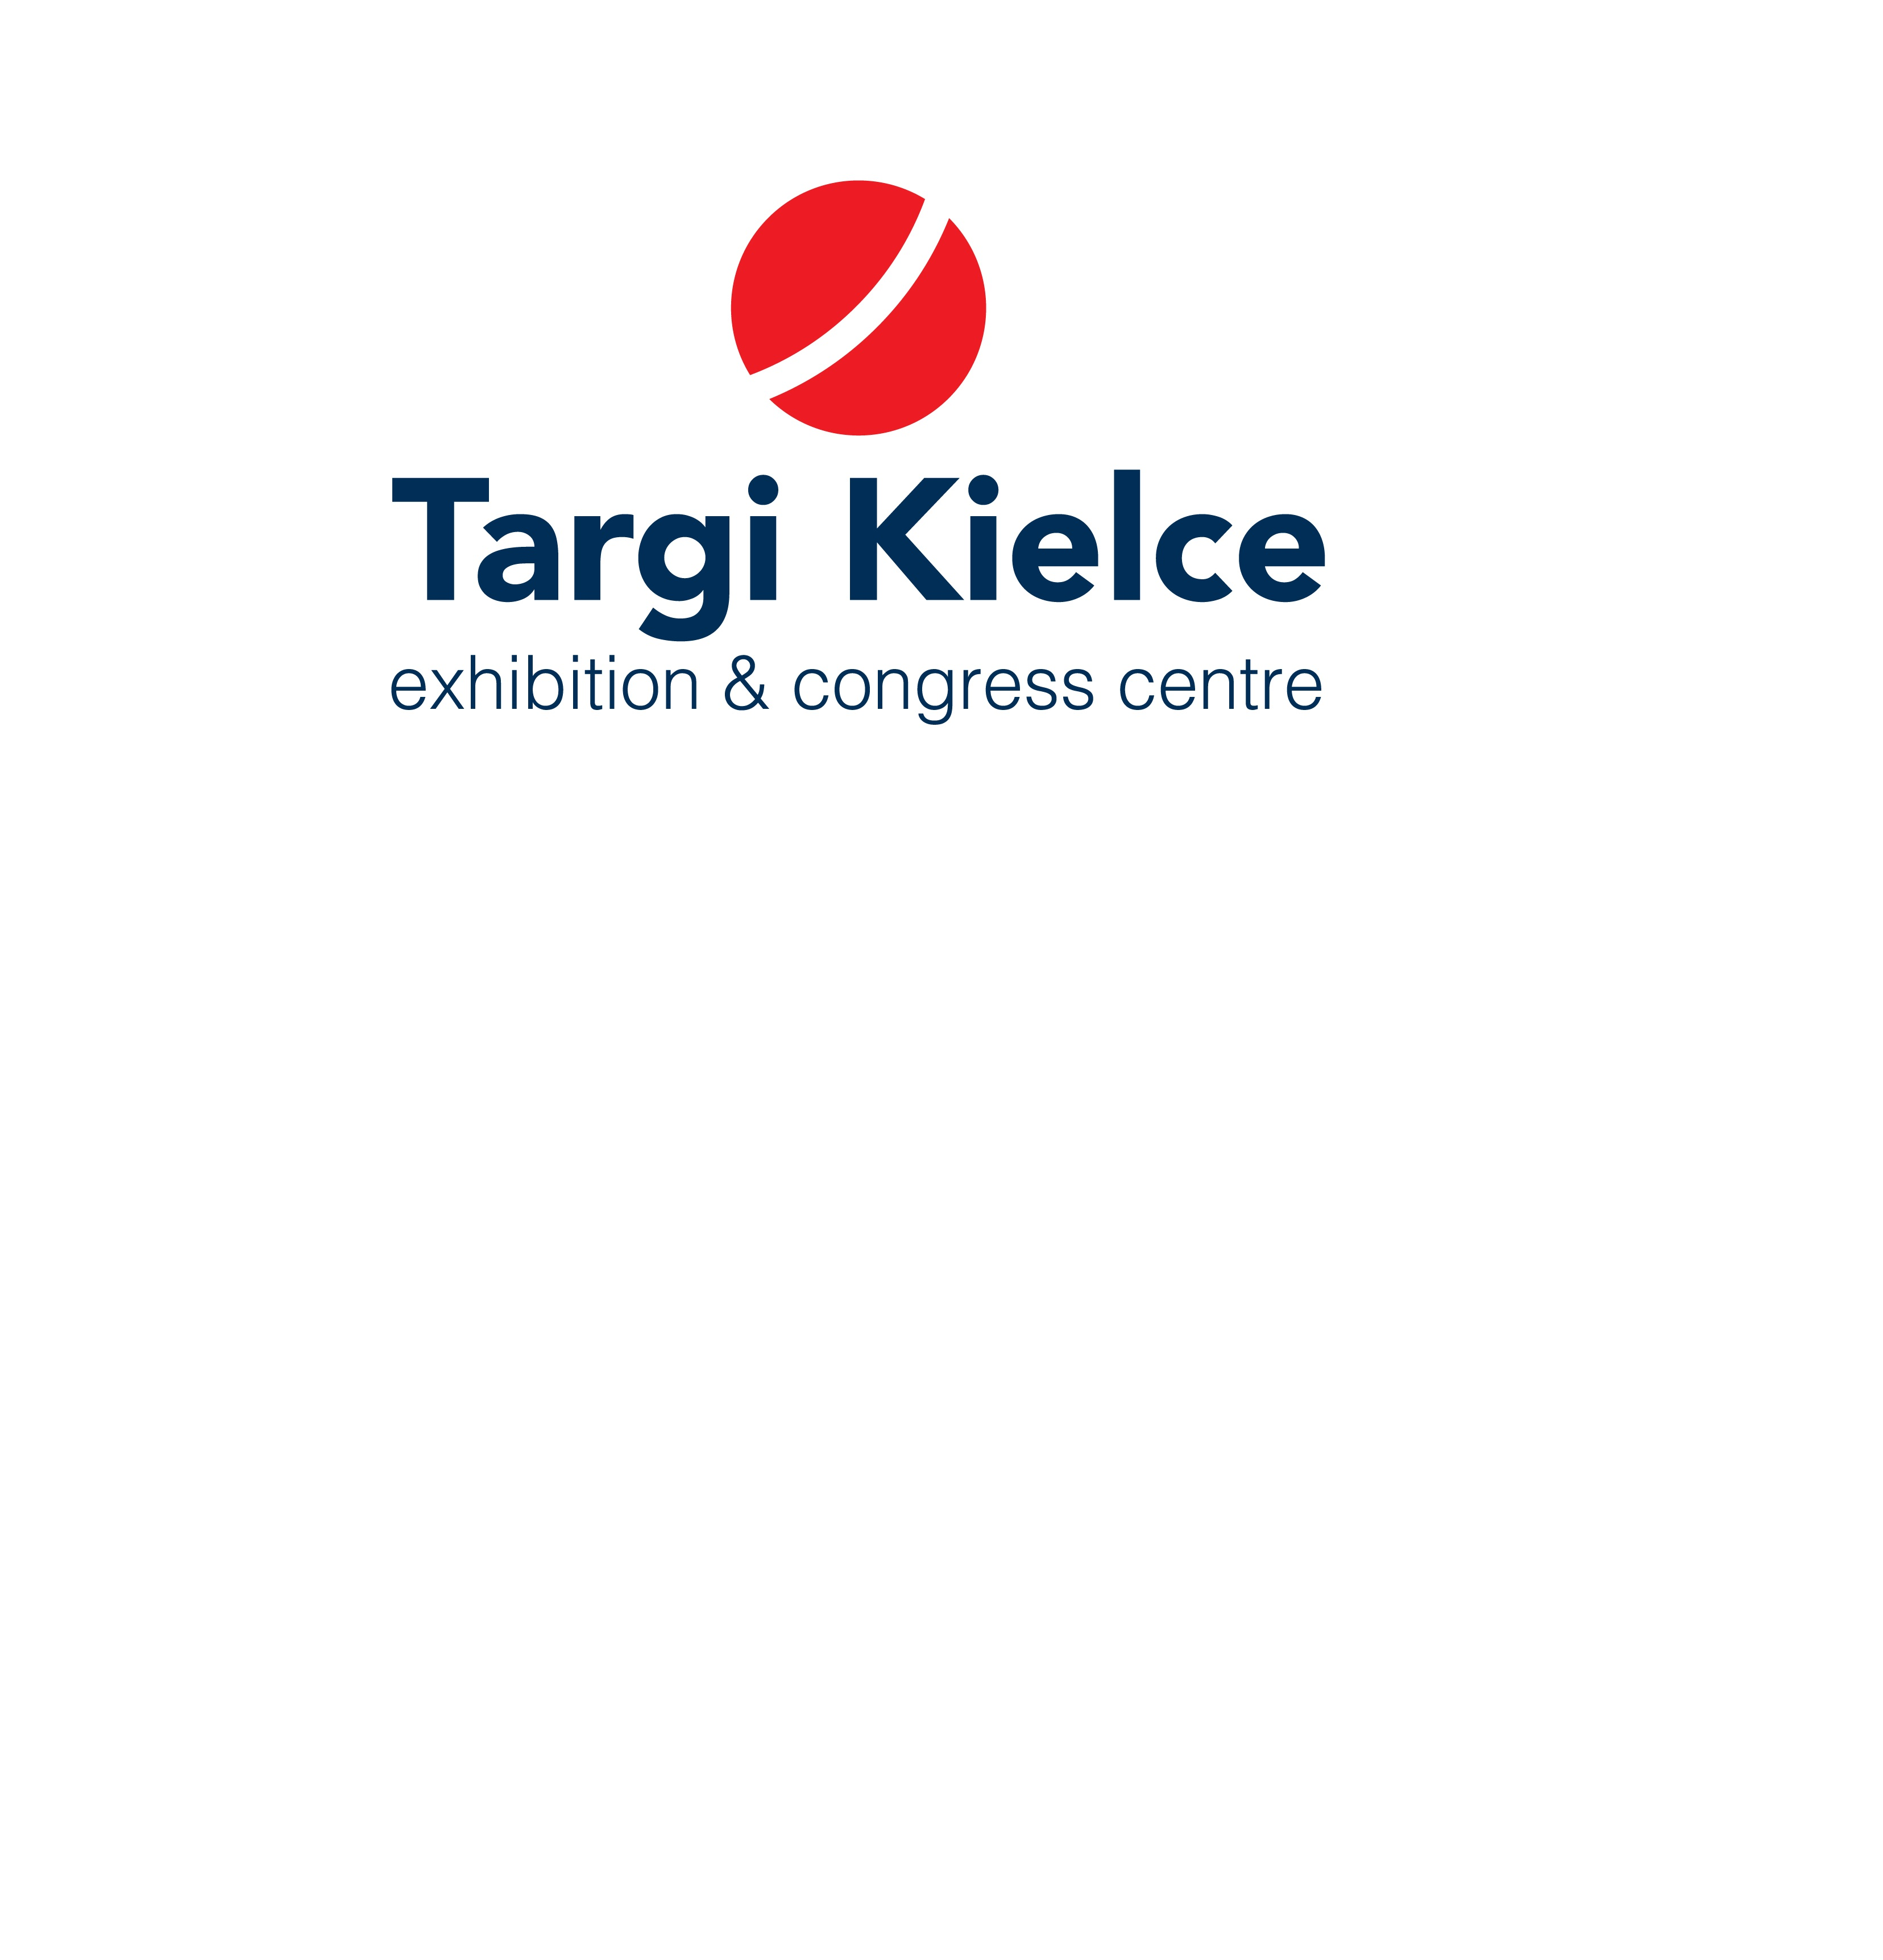 tk-logo2-2016